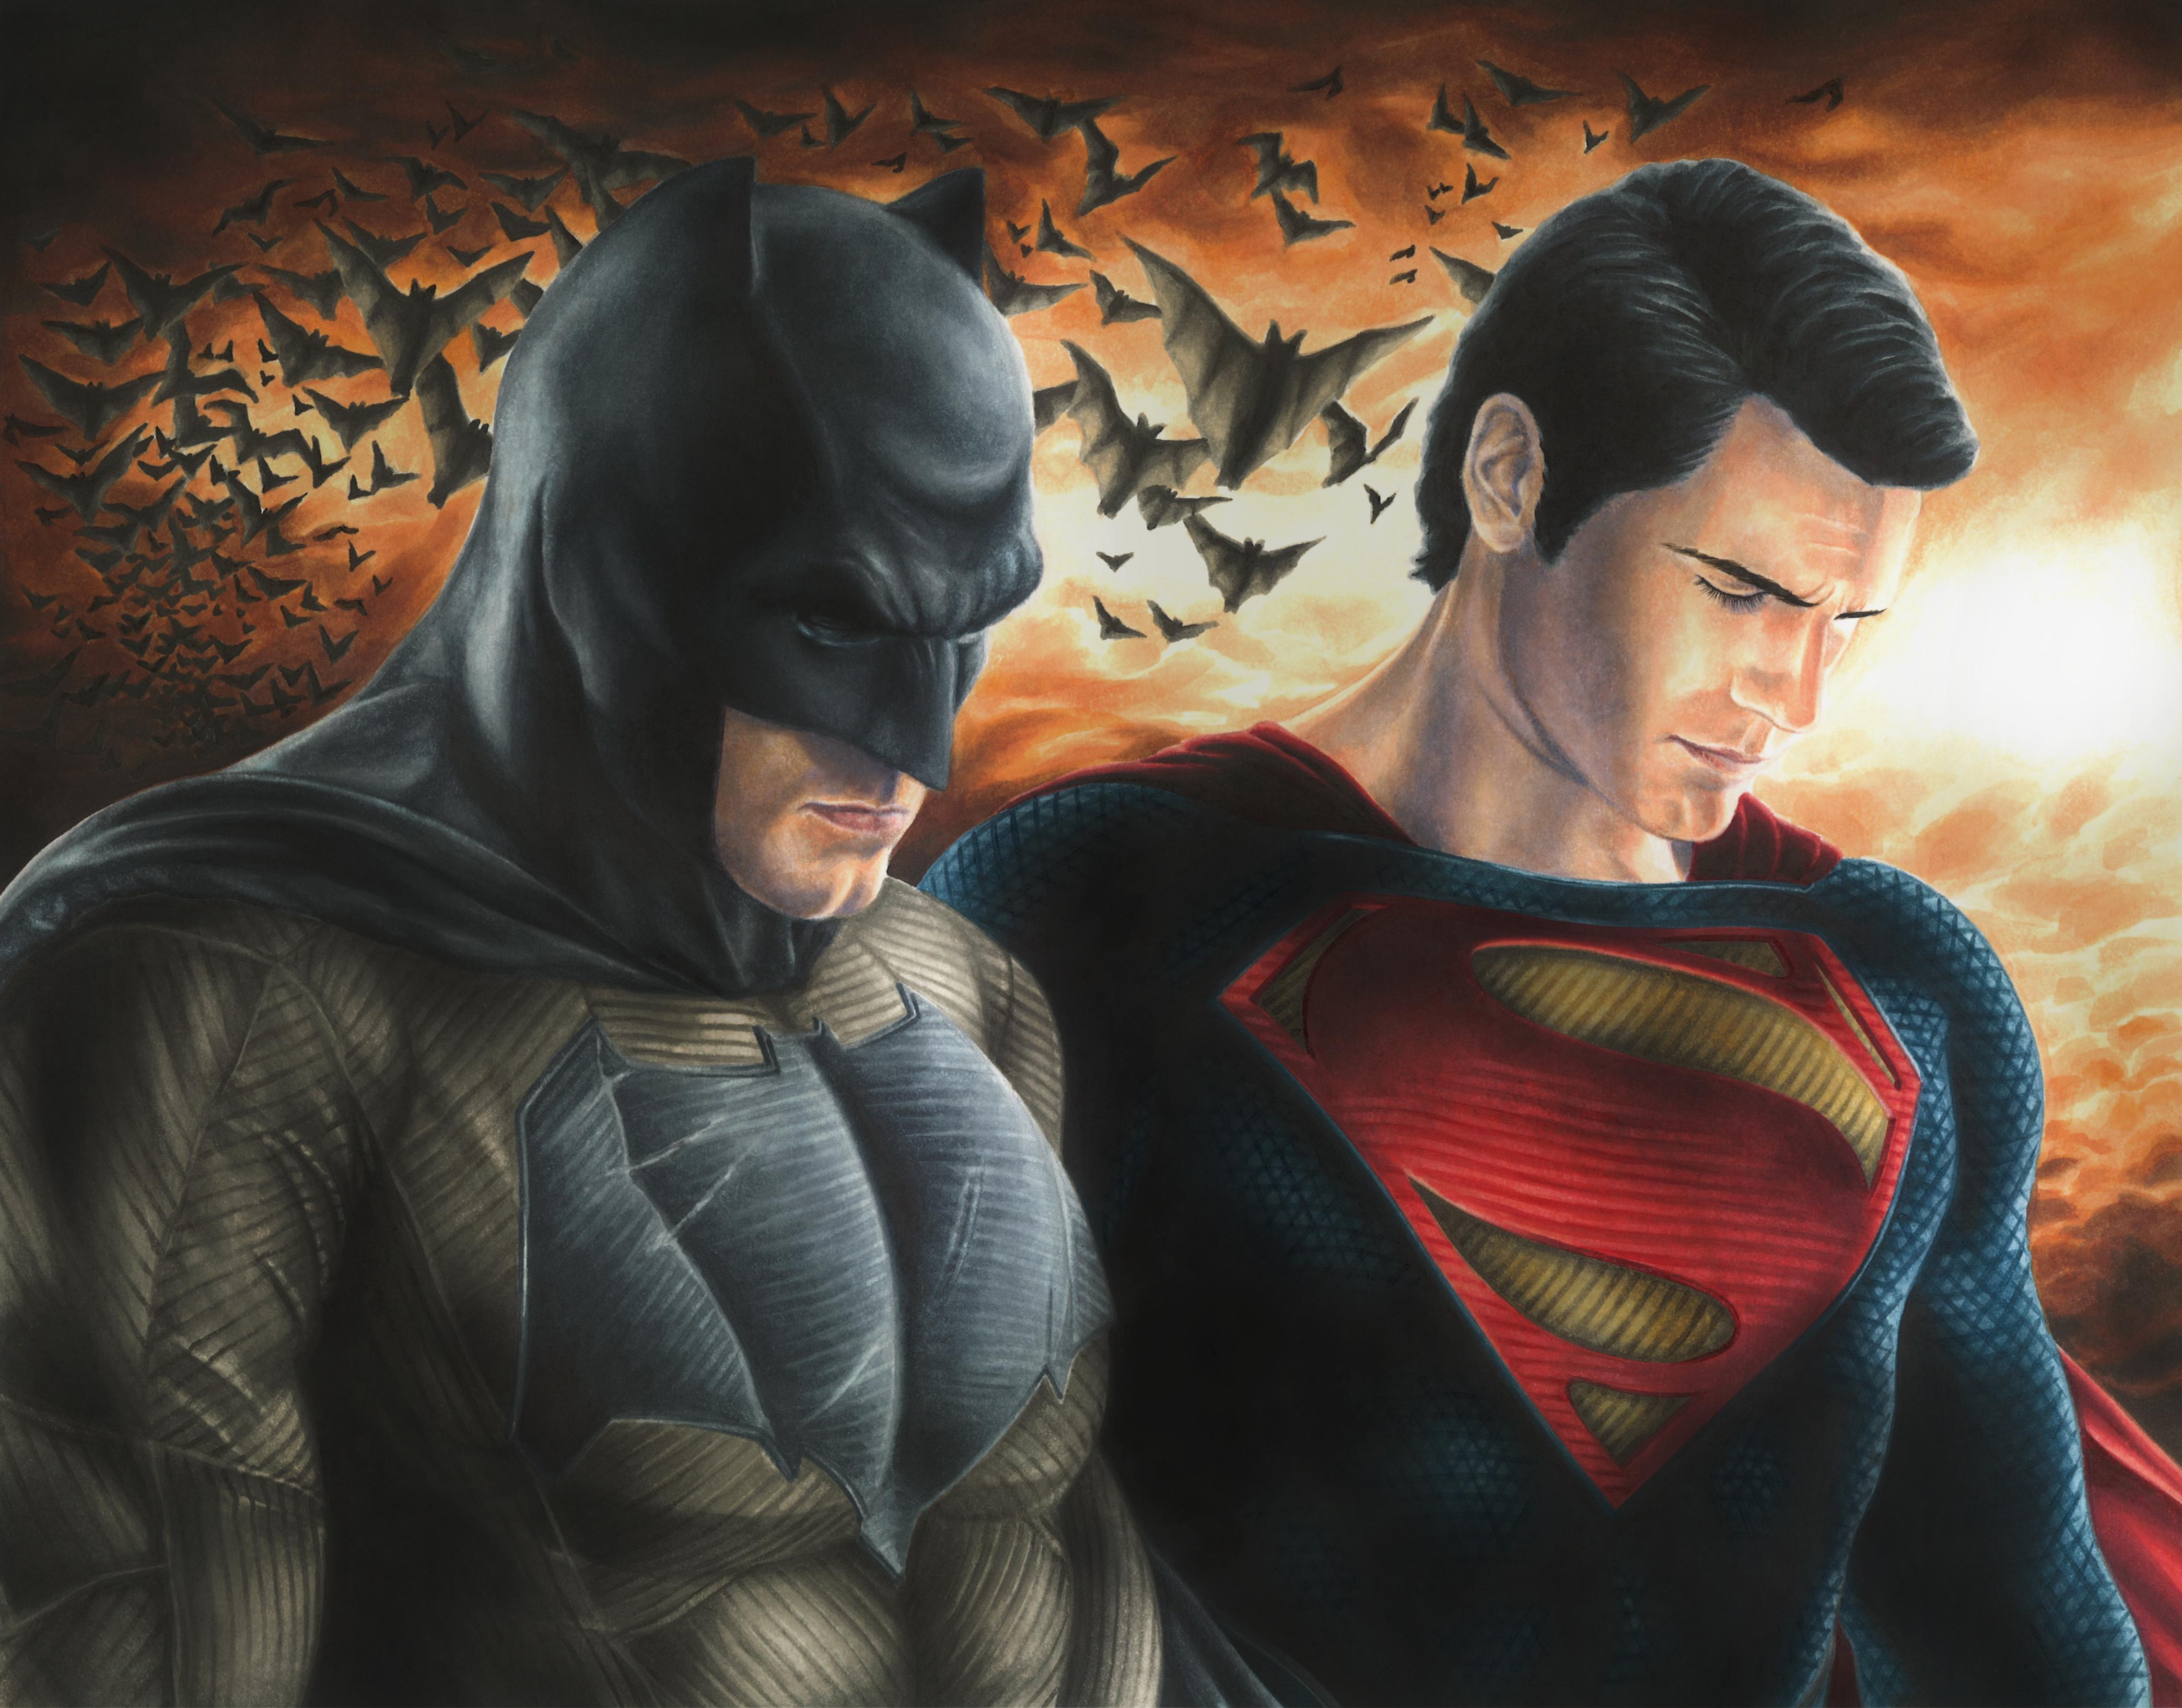 Wallpaper batman superman v dawn of justice dc comics superman 4177x3270